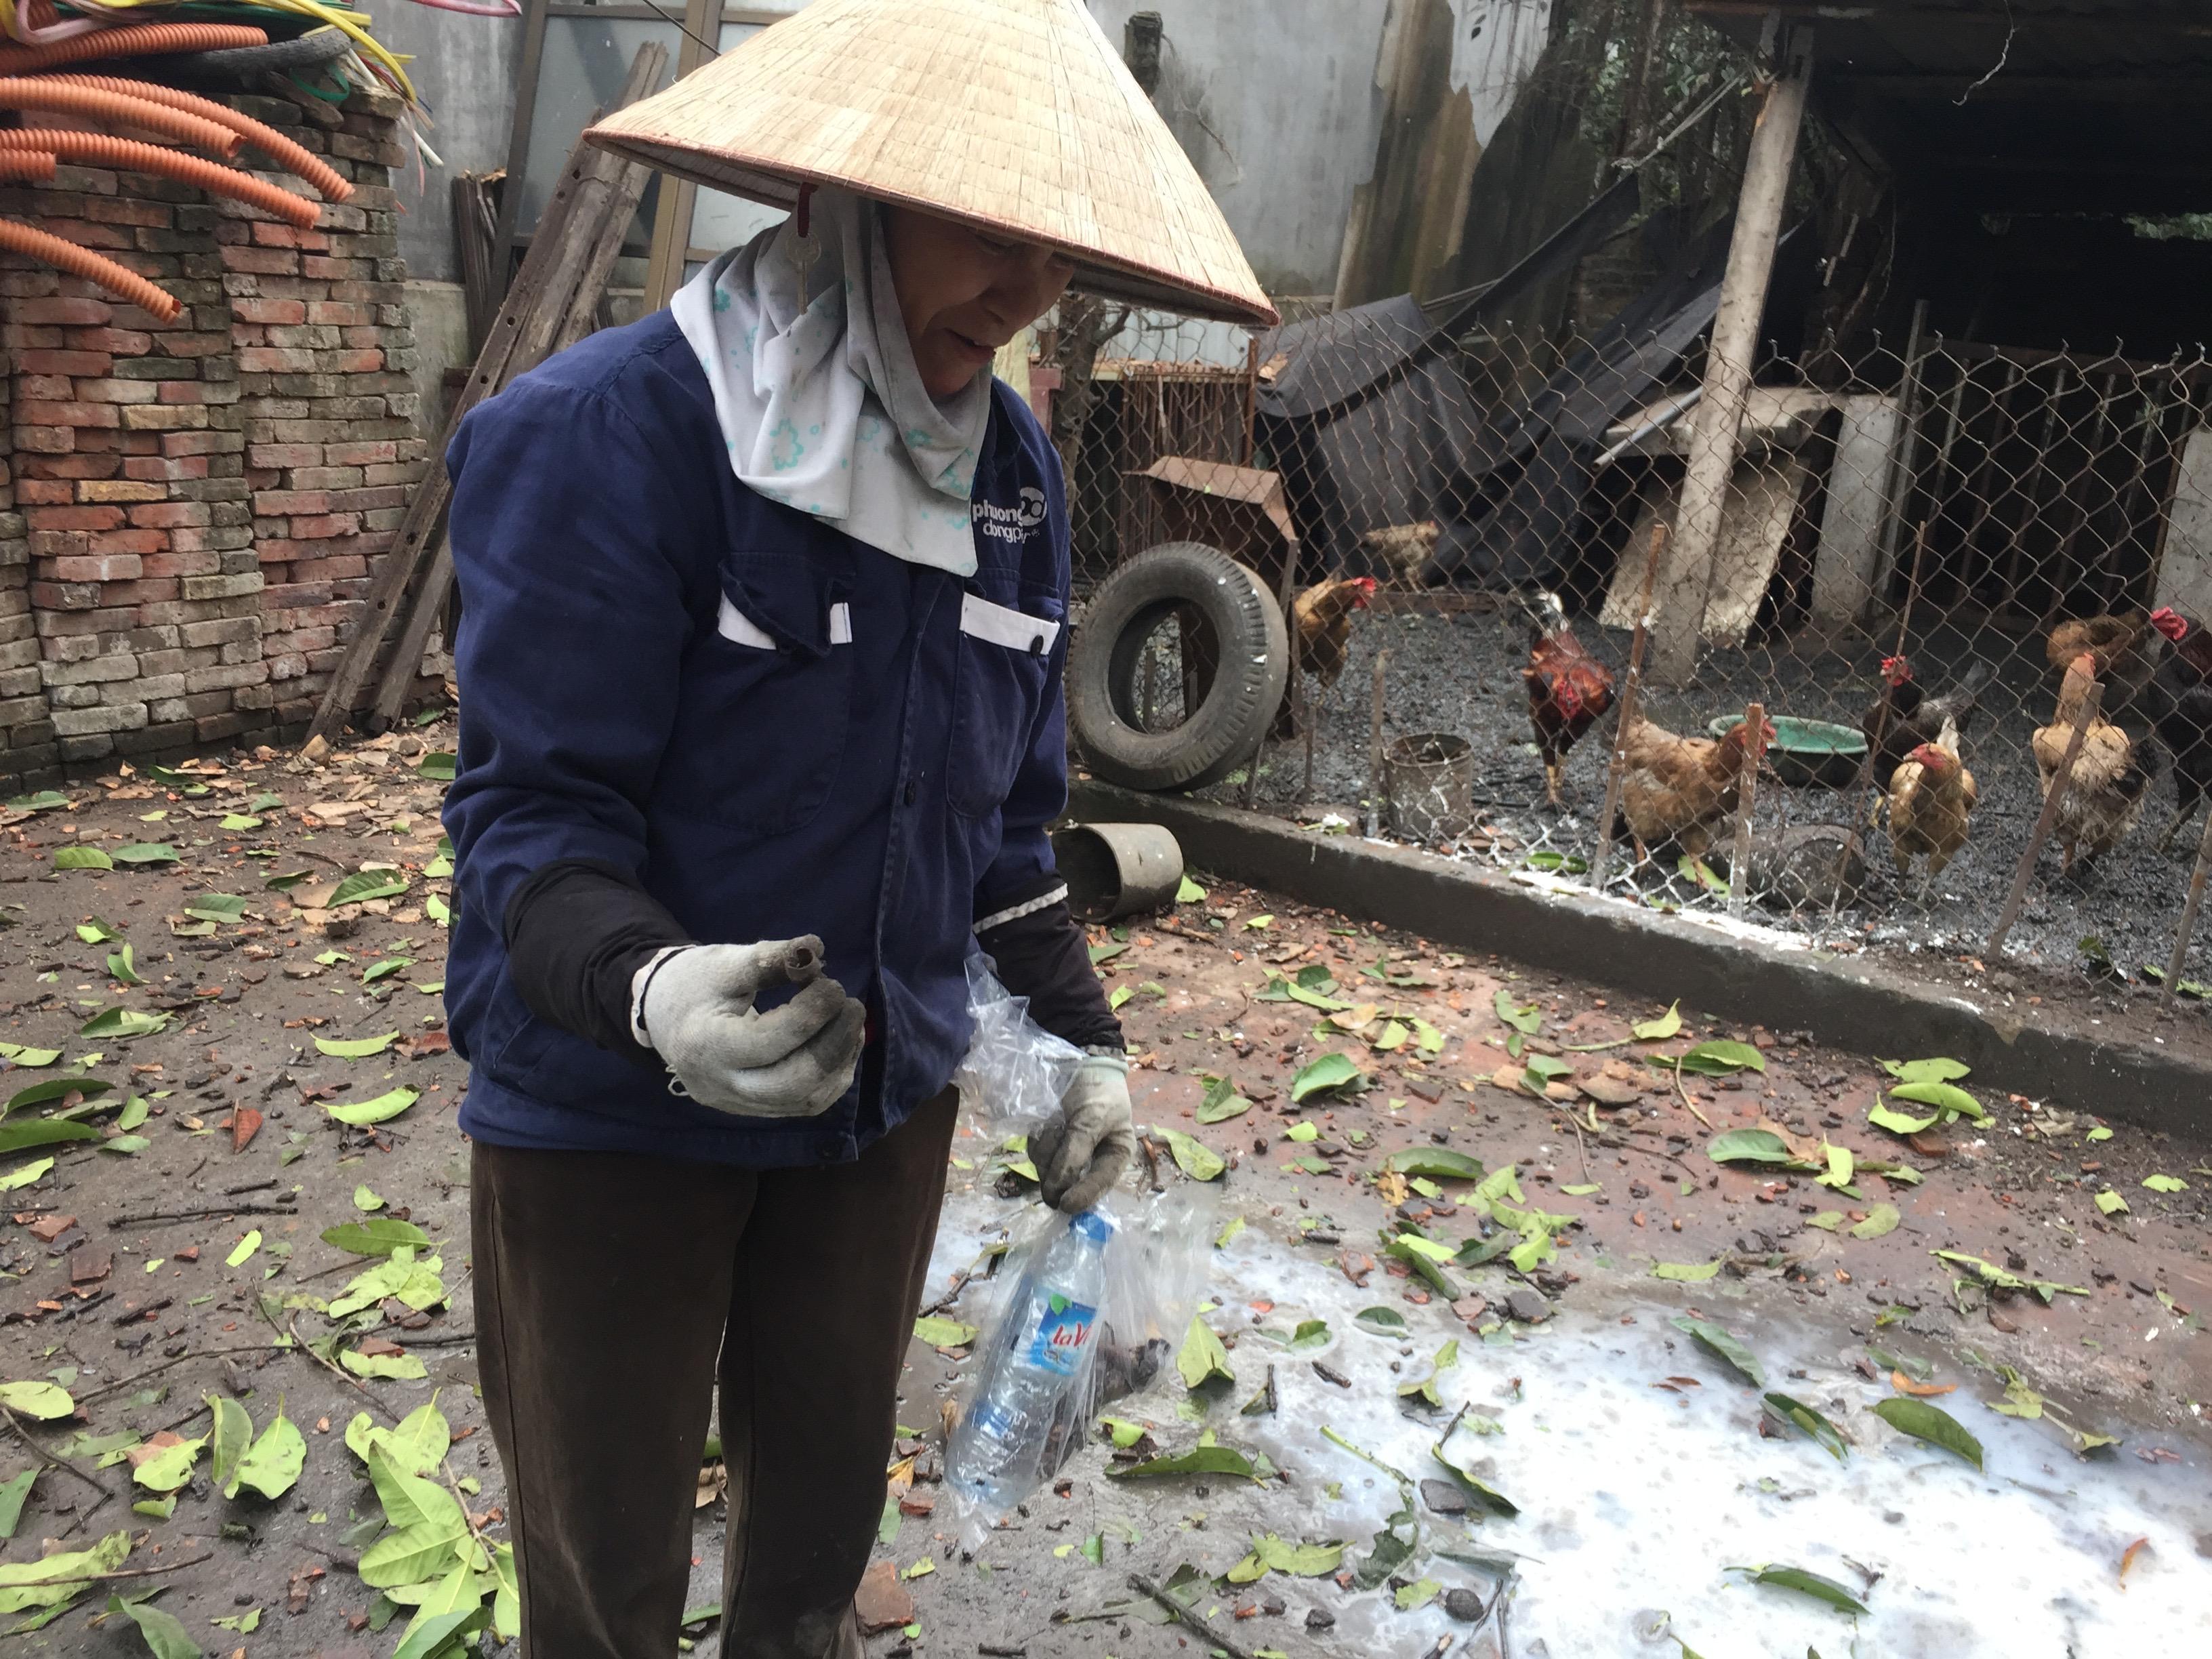 Quanh xã Văn Môn, chỗ nào người dân cũng dễ dàng nhặt được đầu đạn.